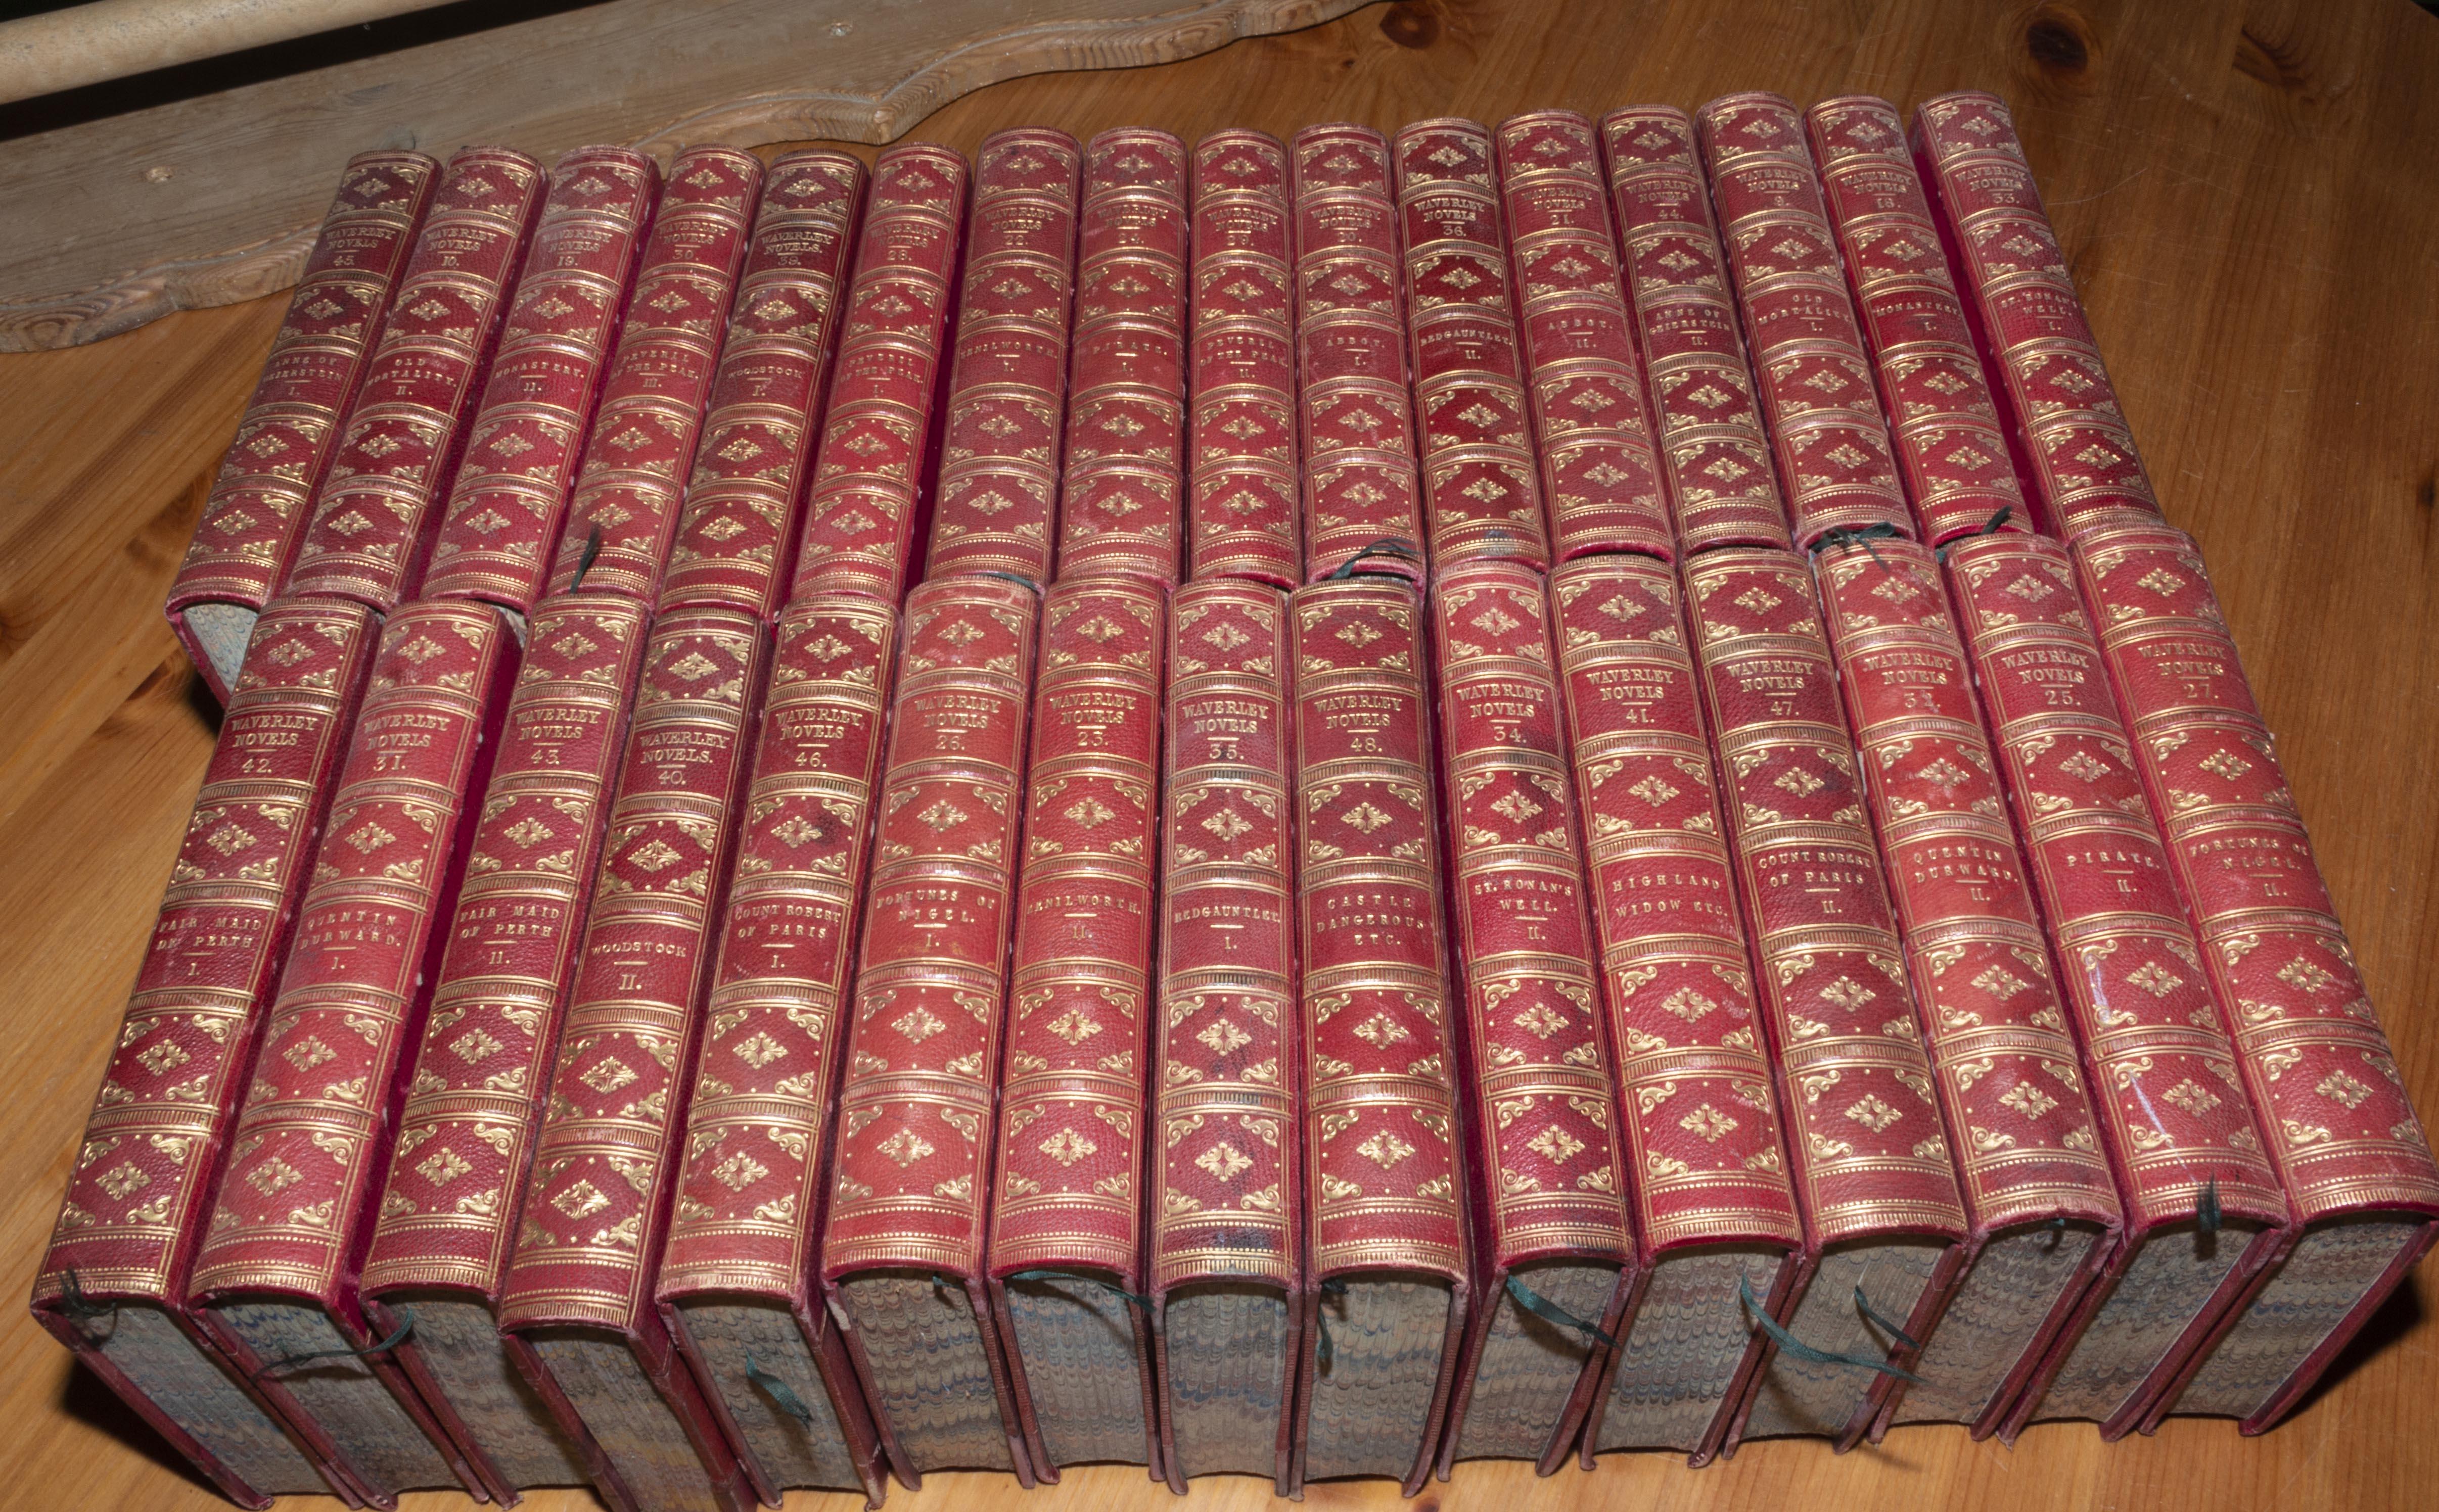 Lot 13 - 31 Waverley novels